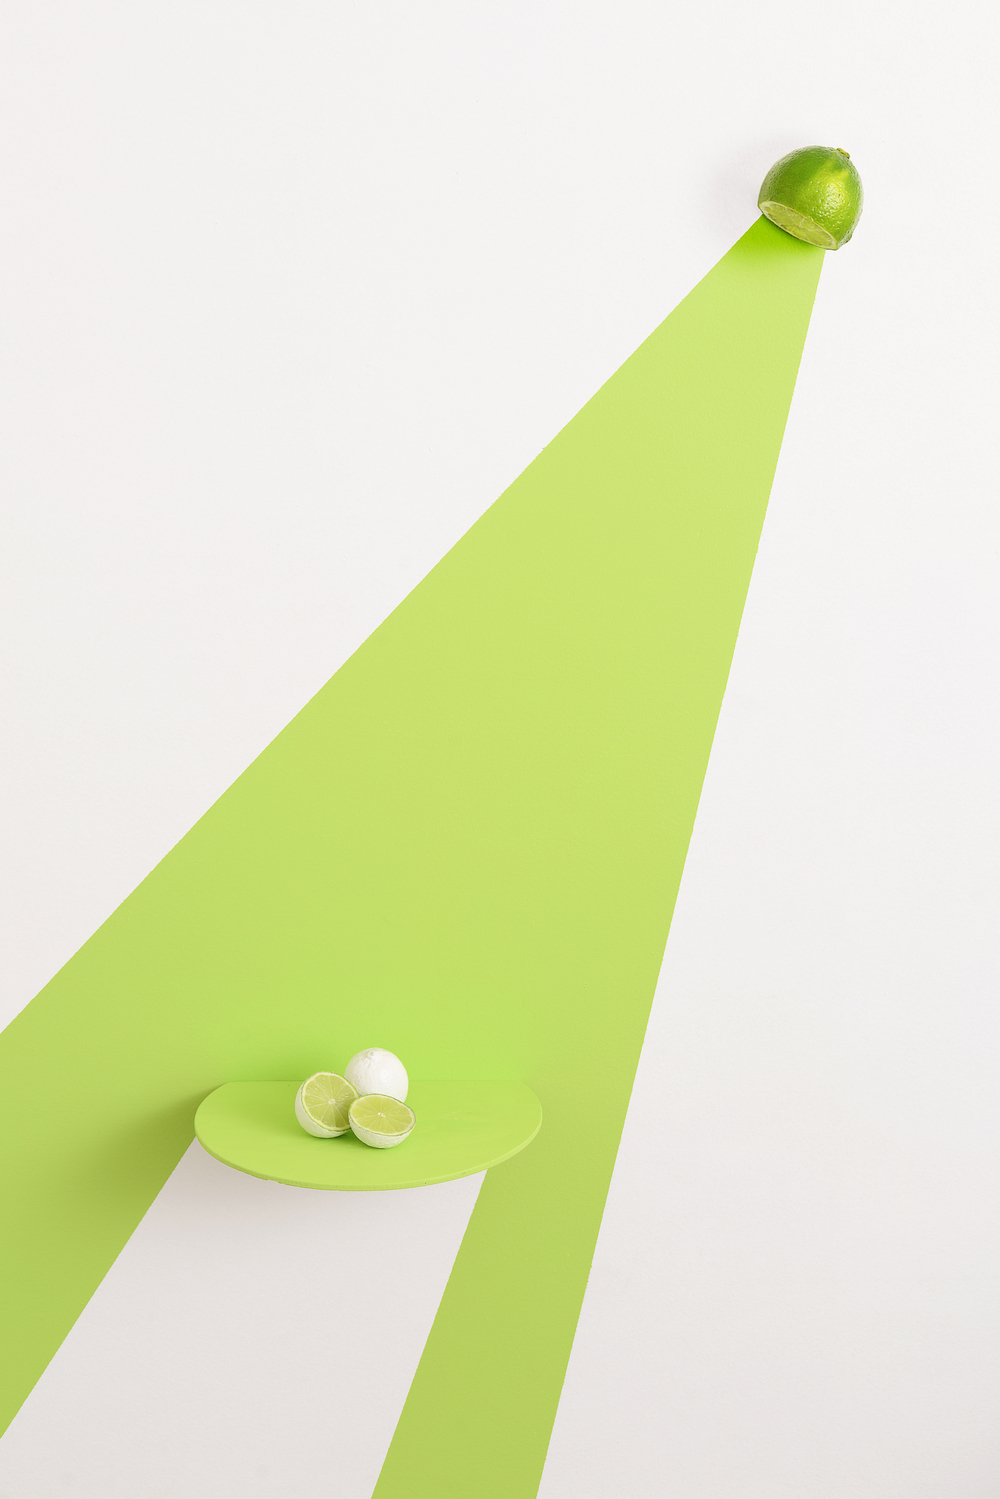 LimeLight Overall.jpg